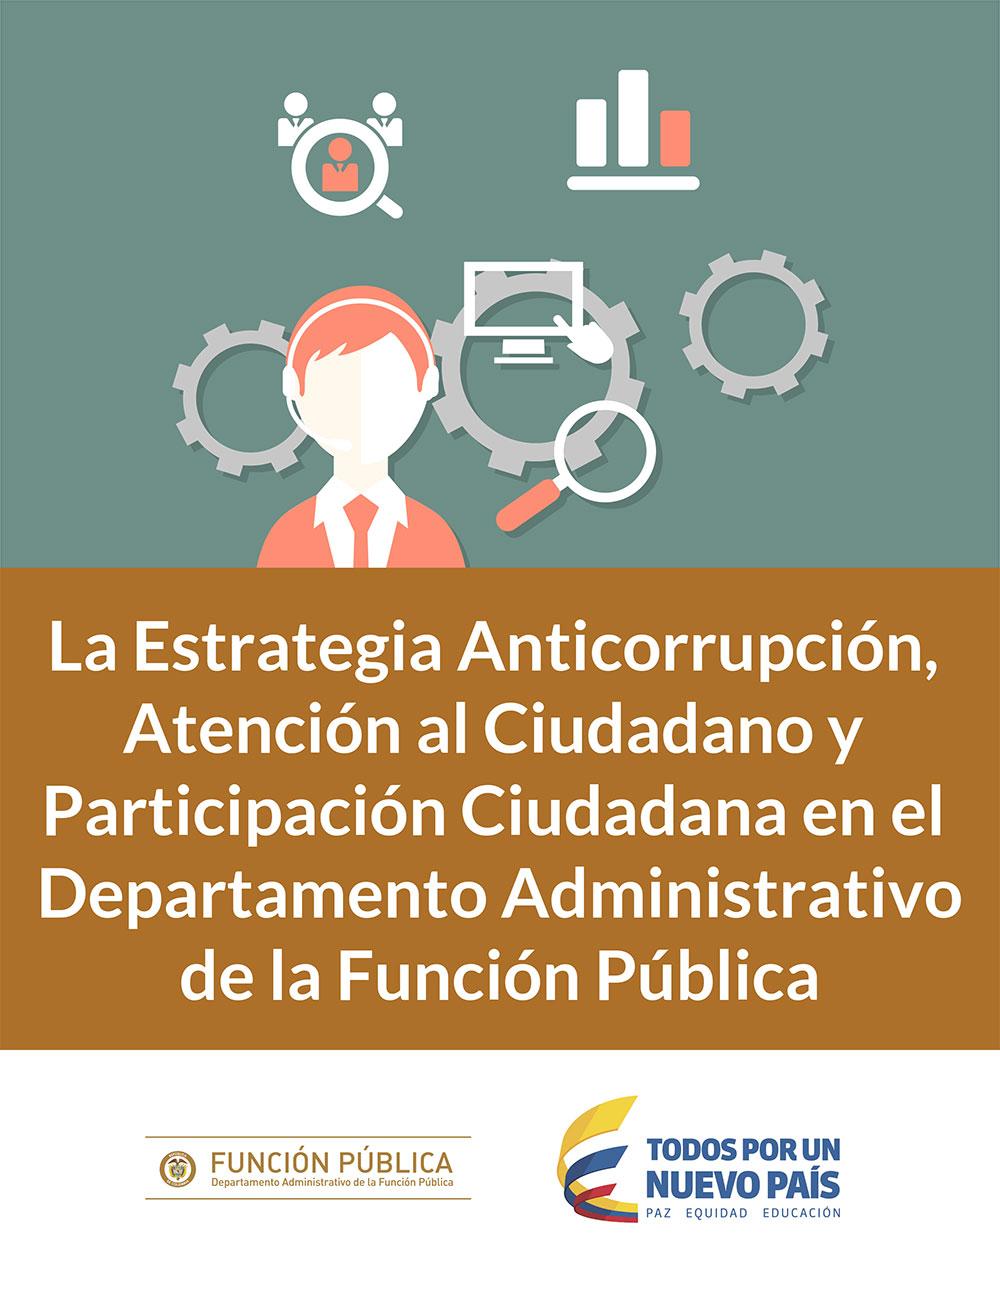 La Estrategia Anticorrupción, Atención al Ciudadano y Participación Ciudadana en el Departamento Administrativo de la Función Pública.